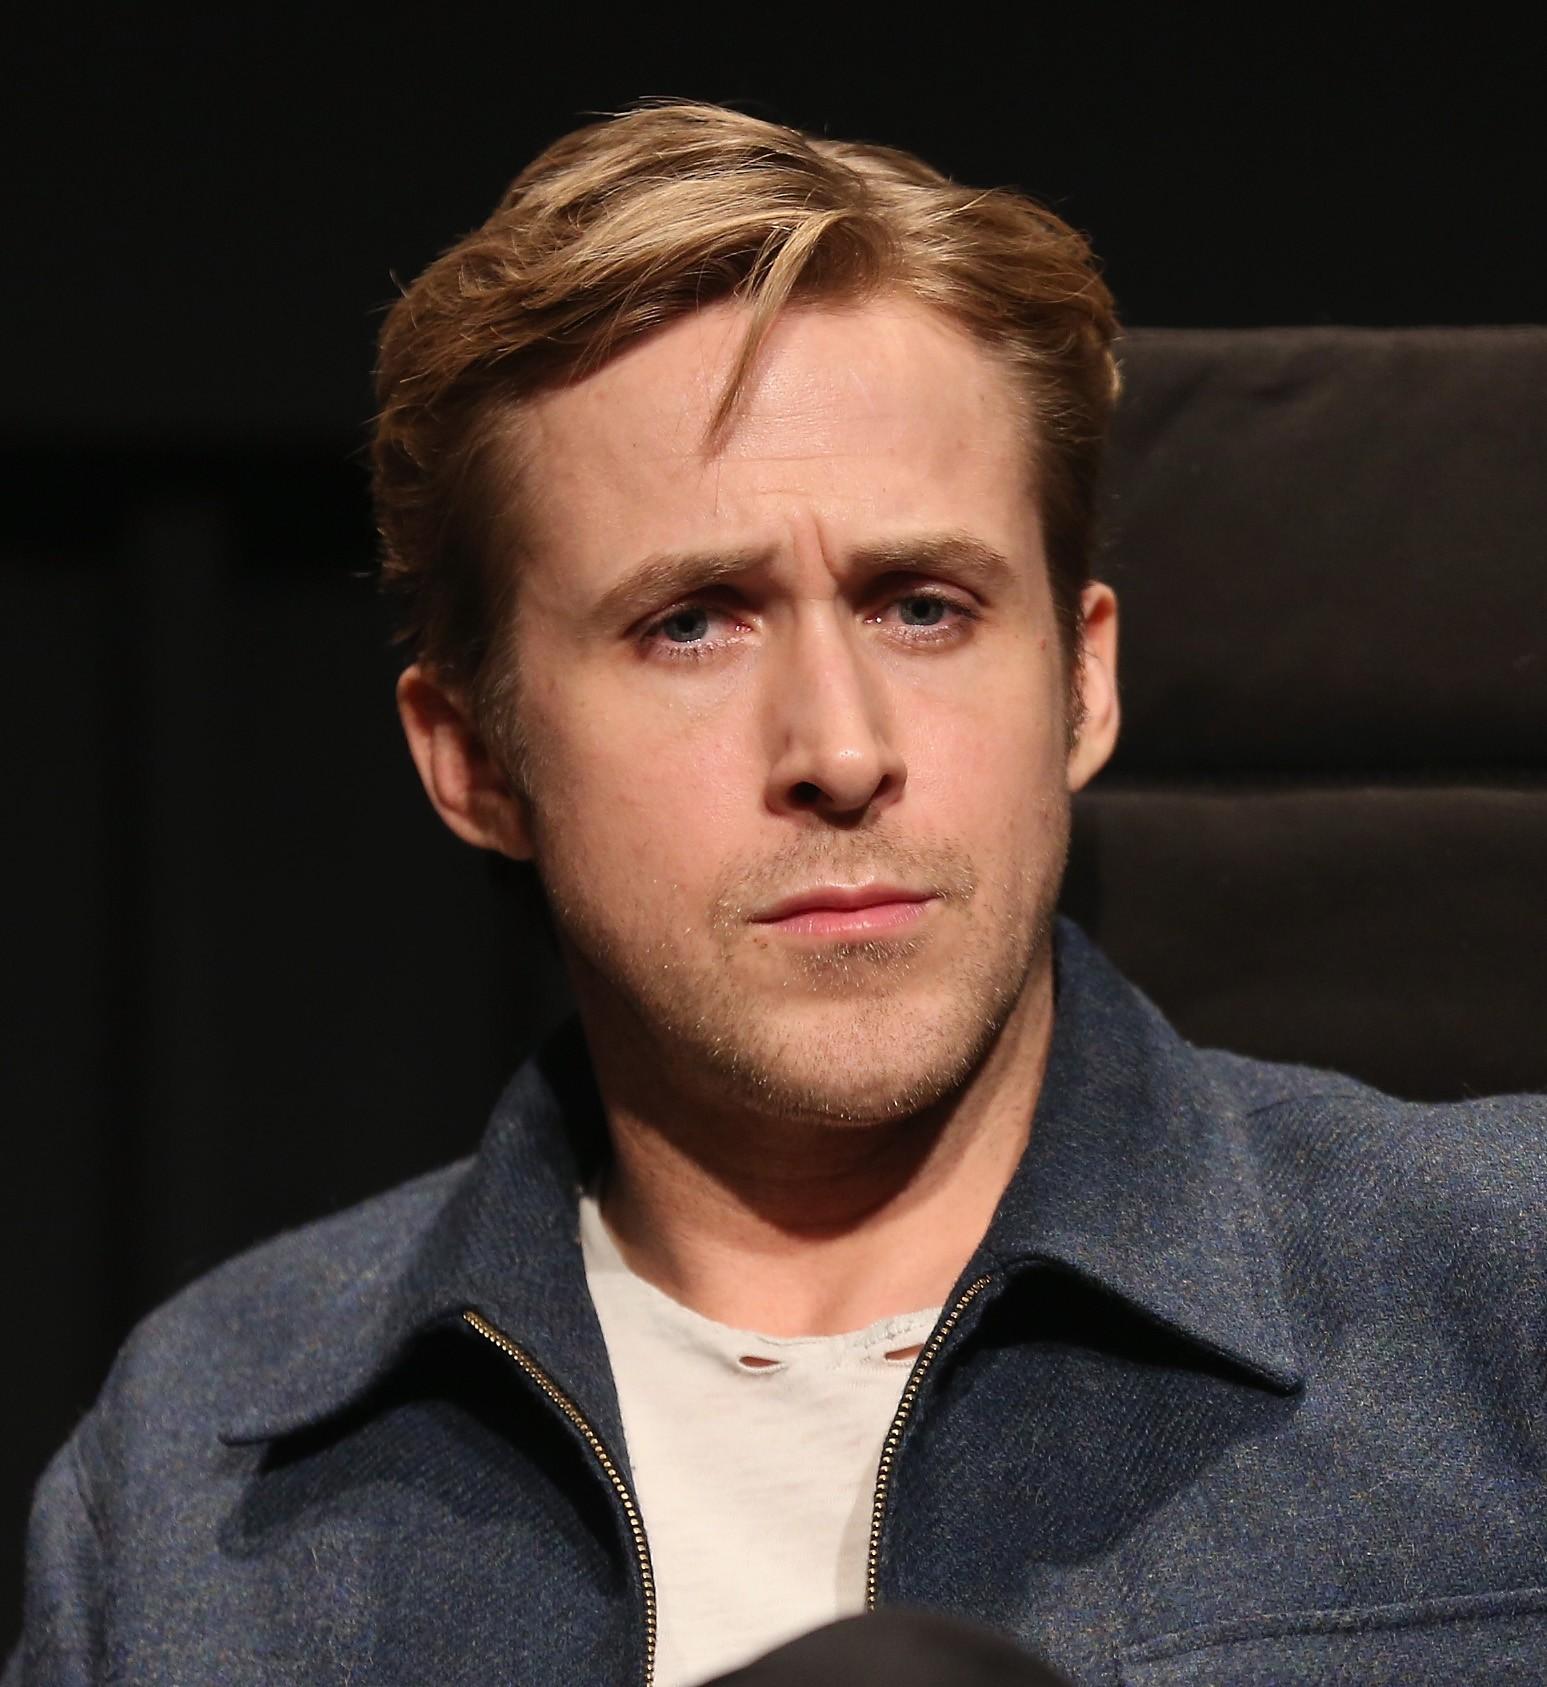 O irmão perdido de Ryan Gosling (ou ele mesmo em 2015) (Foto: Getty Images / Robin Marchant)